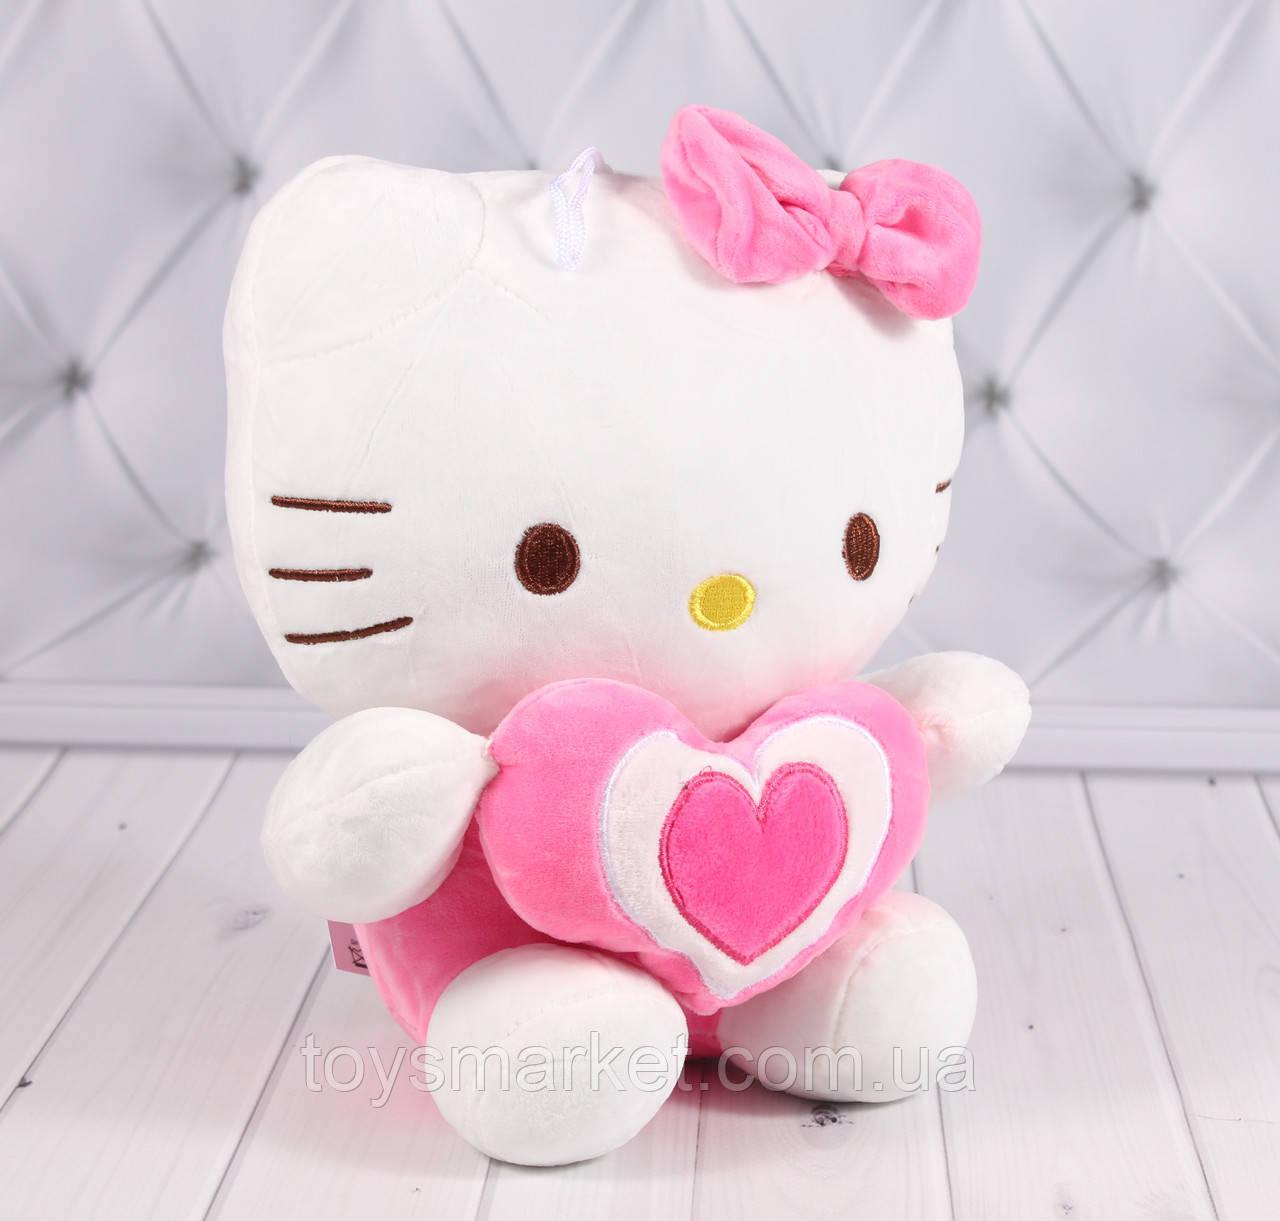 """М'яка іграшка котик Кітті, """"Хелло Кітті"""", """"Hello Kitty"""", плюшева іграшка кішка"""